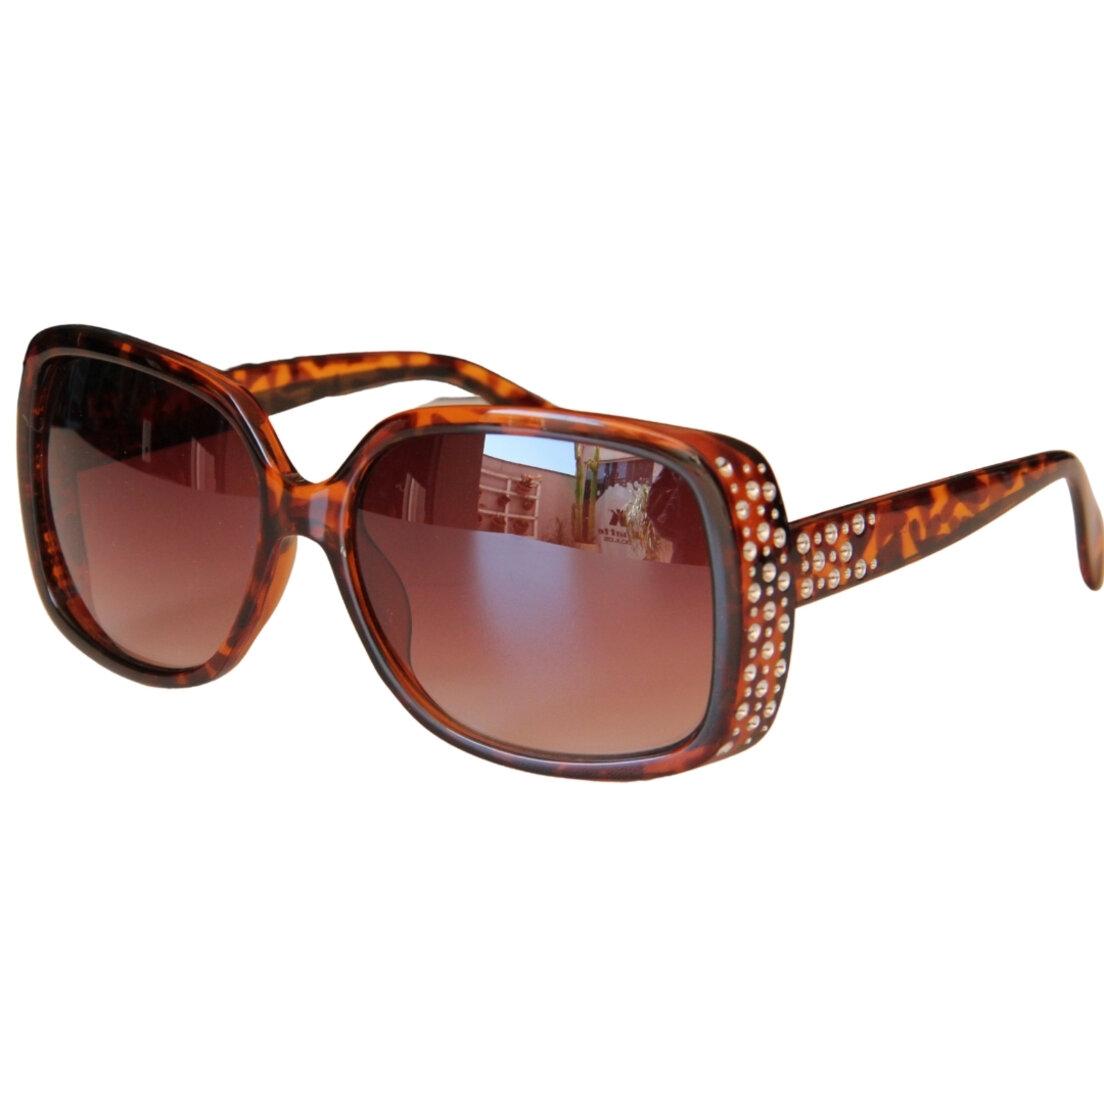 OUTLET - Óculos de Sol Khatto Square Large - Onça